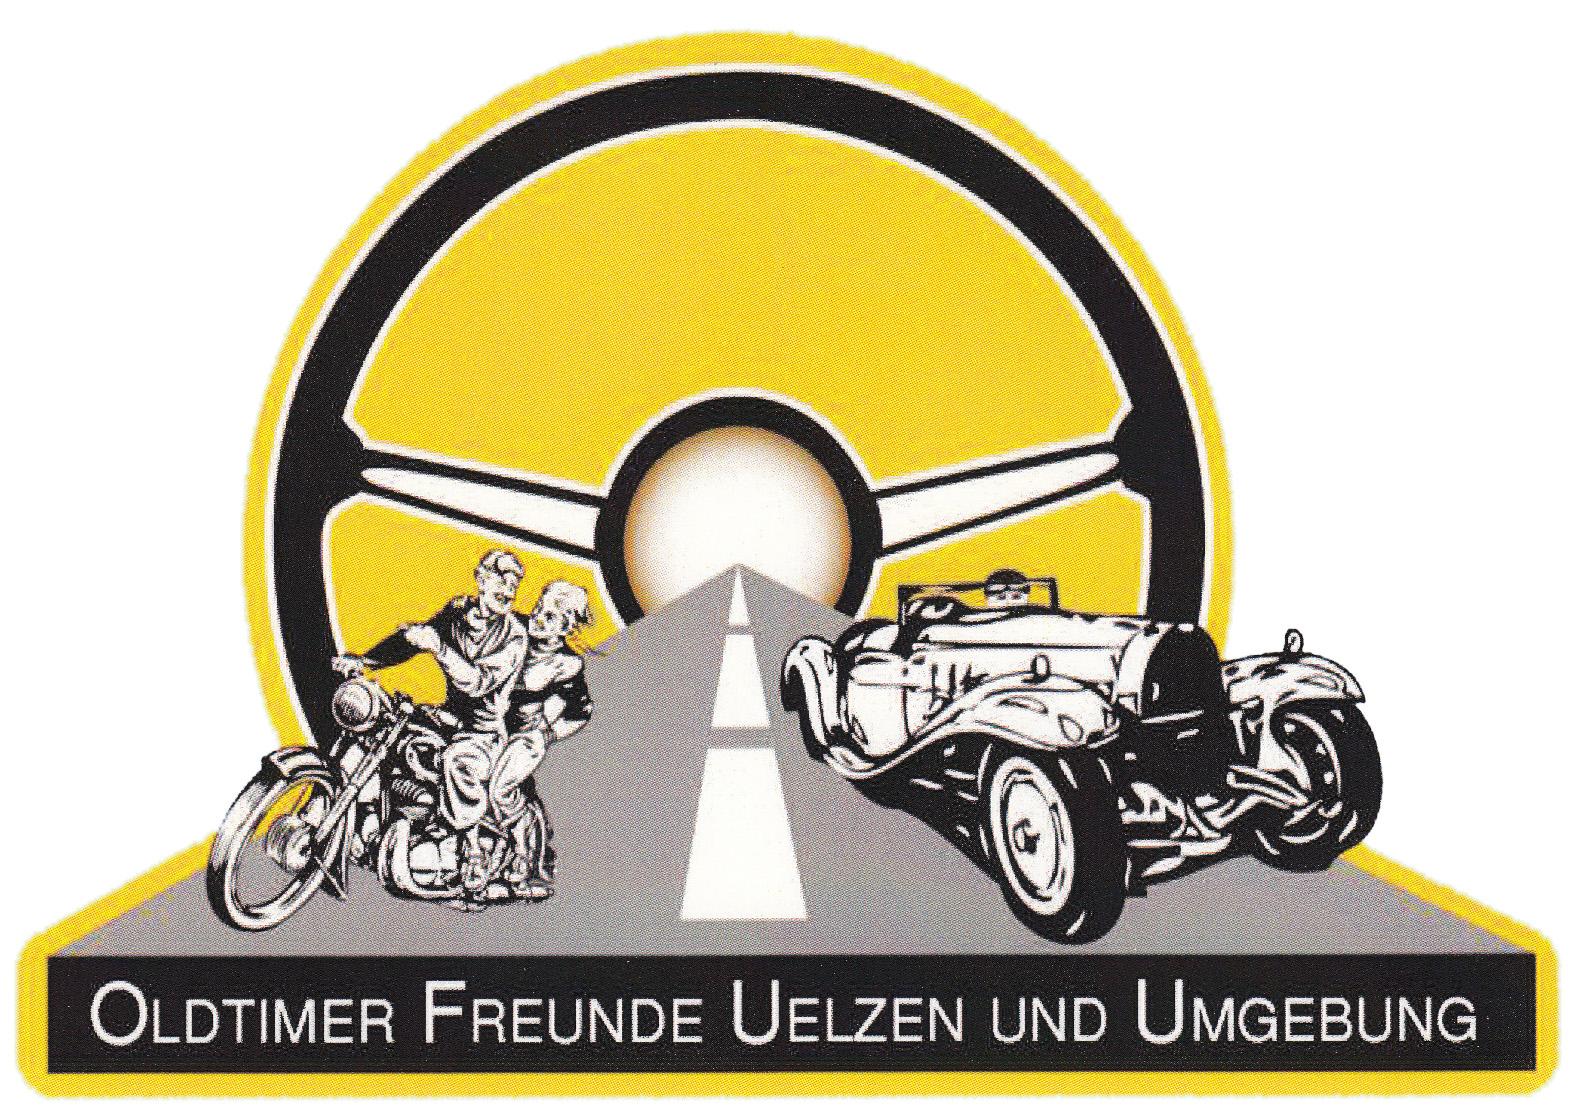 Oldtimer-Freunde Uelzen